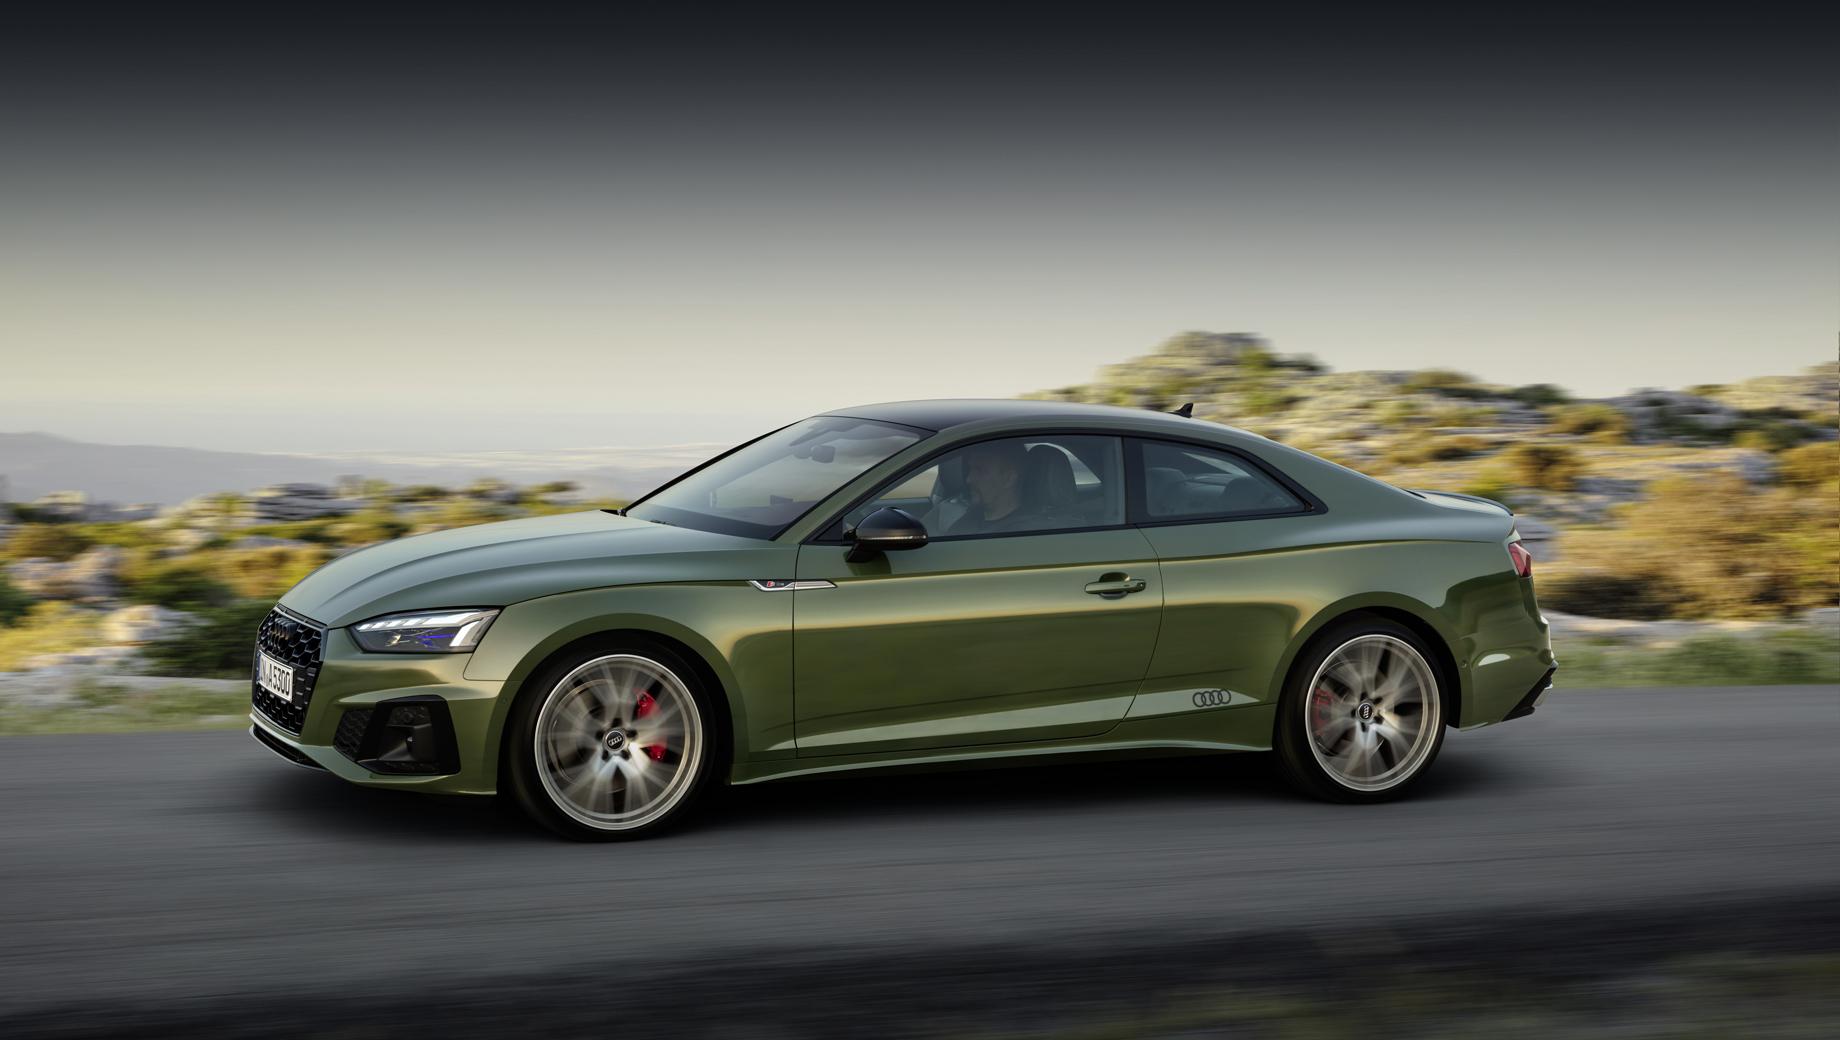 Audi a5,Audi a4. Последний раз A4/A5 попадали под отзыв буквально на днях из-за крепления сидений, а летом была кампания по поводу неисправного стартера-генератора умеренной гибридной системы.